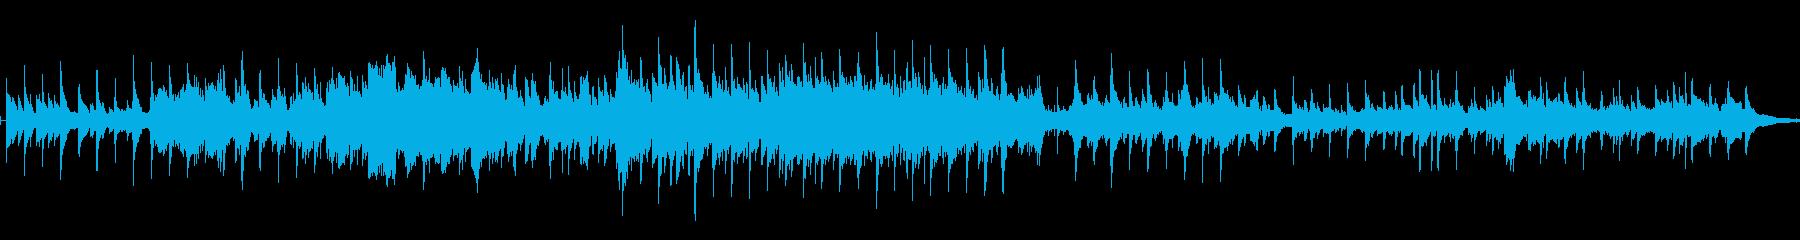 古風 モダン 交響曲 室内楽 アン...の再生済みの波形